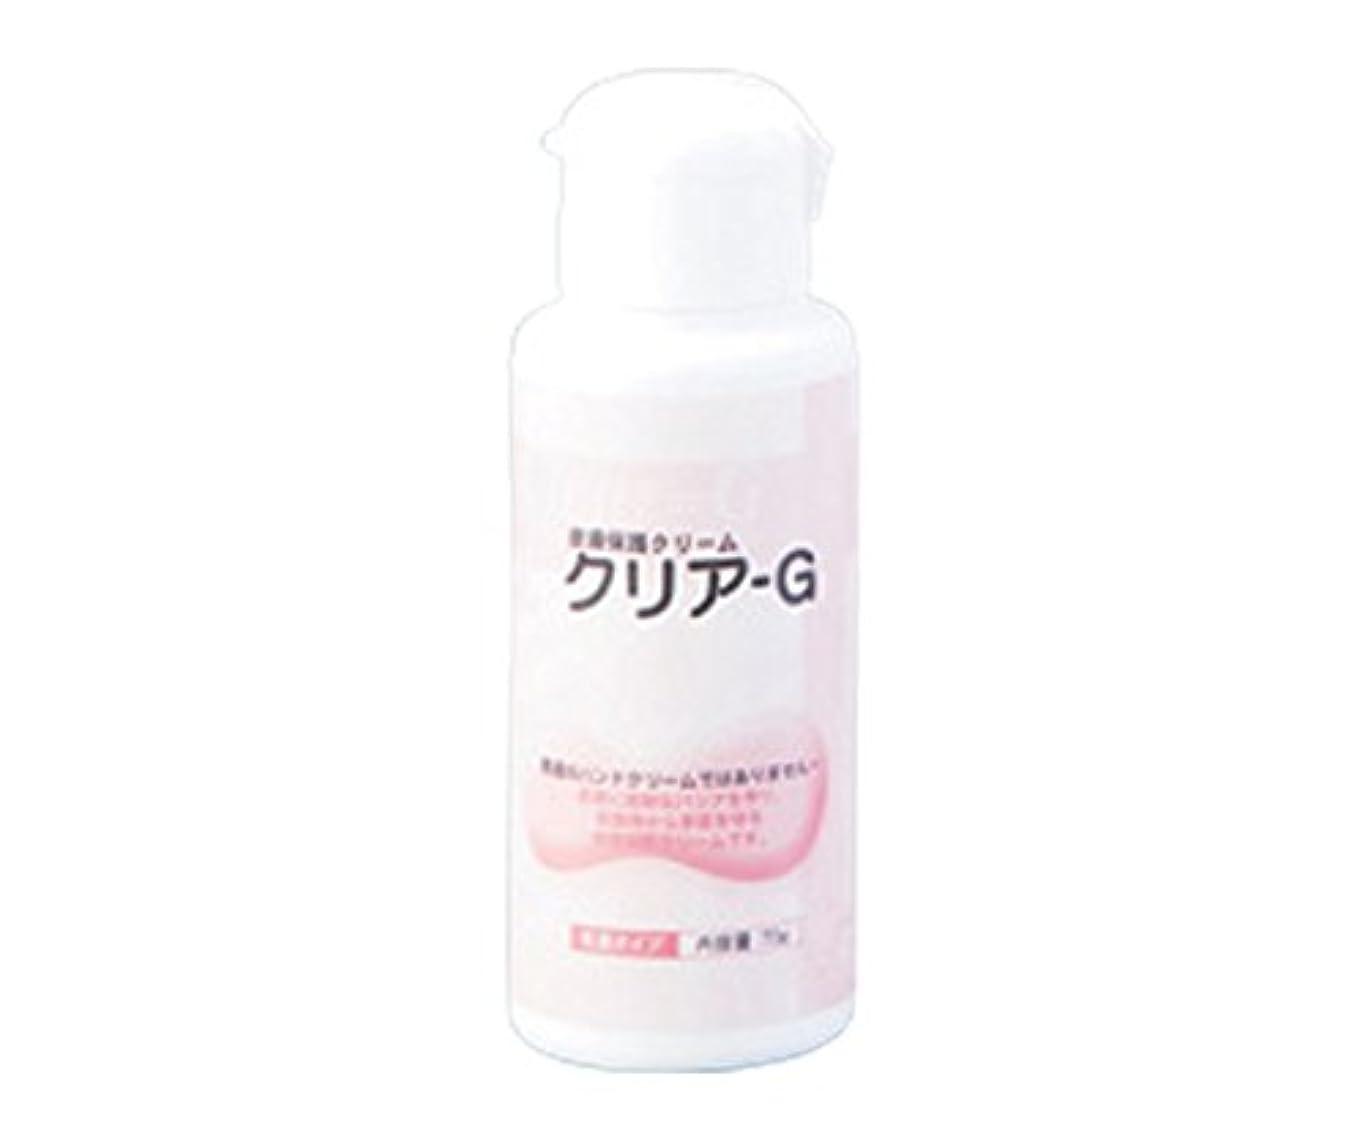 機関レポートを書くテクニカル皮膚保護クリーム(クリア-G) 70g